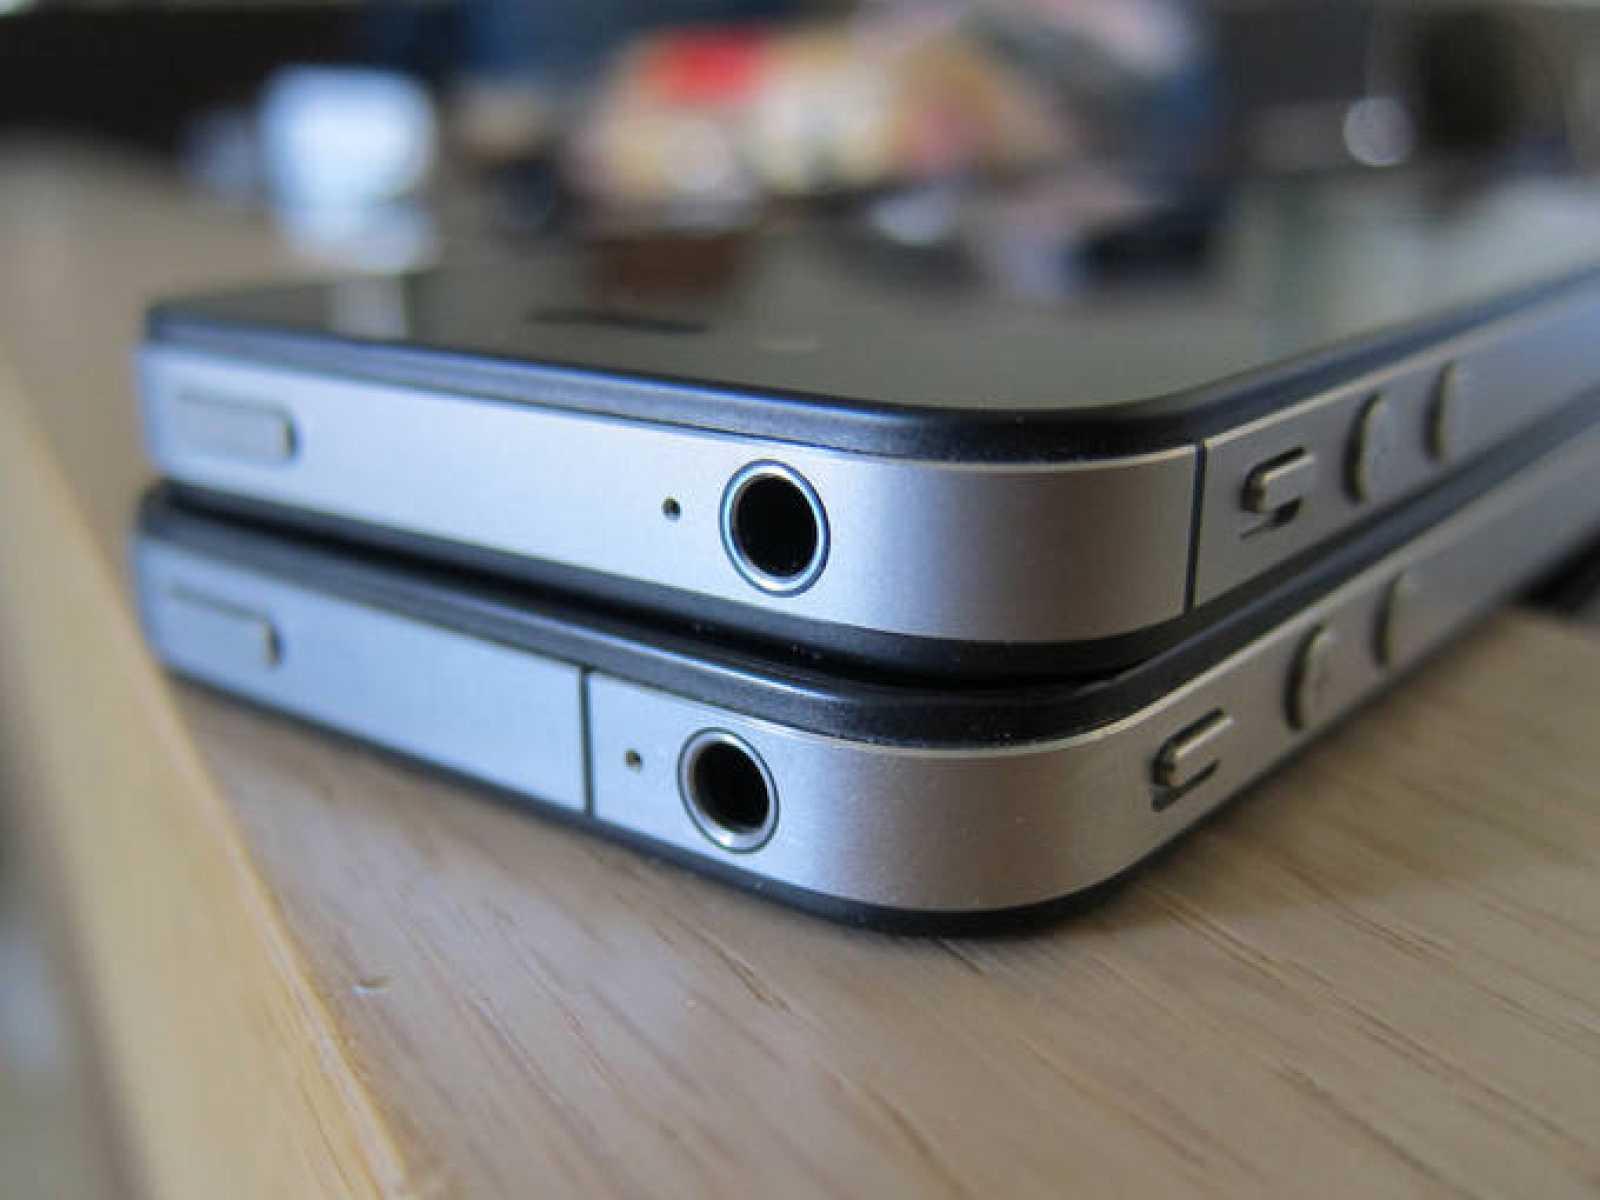 Físicamente, el iPhone4 y el iPhone 4S (arriba) son casi idénticos, salvo por las marcas negras que delimitan las antenas del teléfono